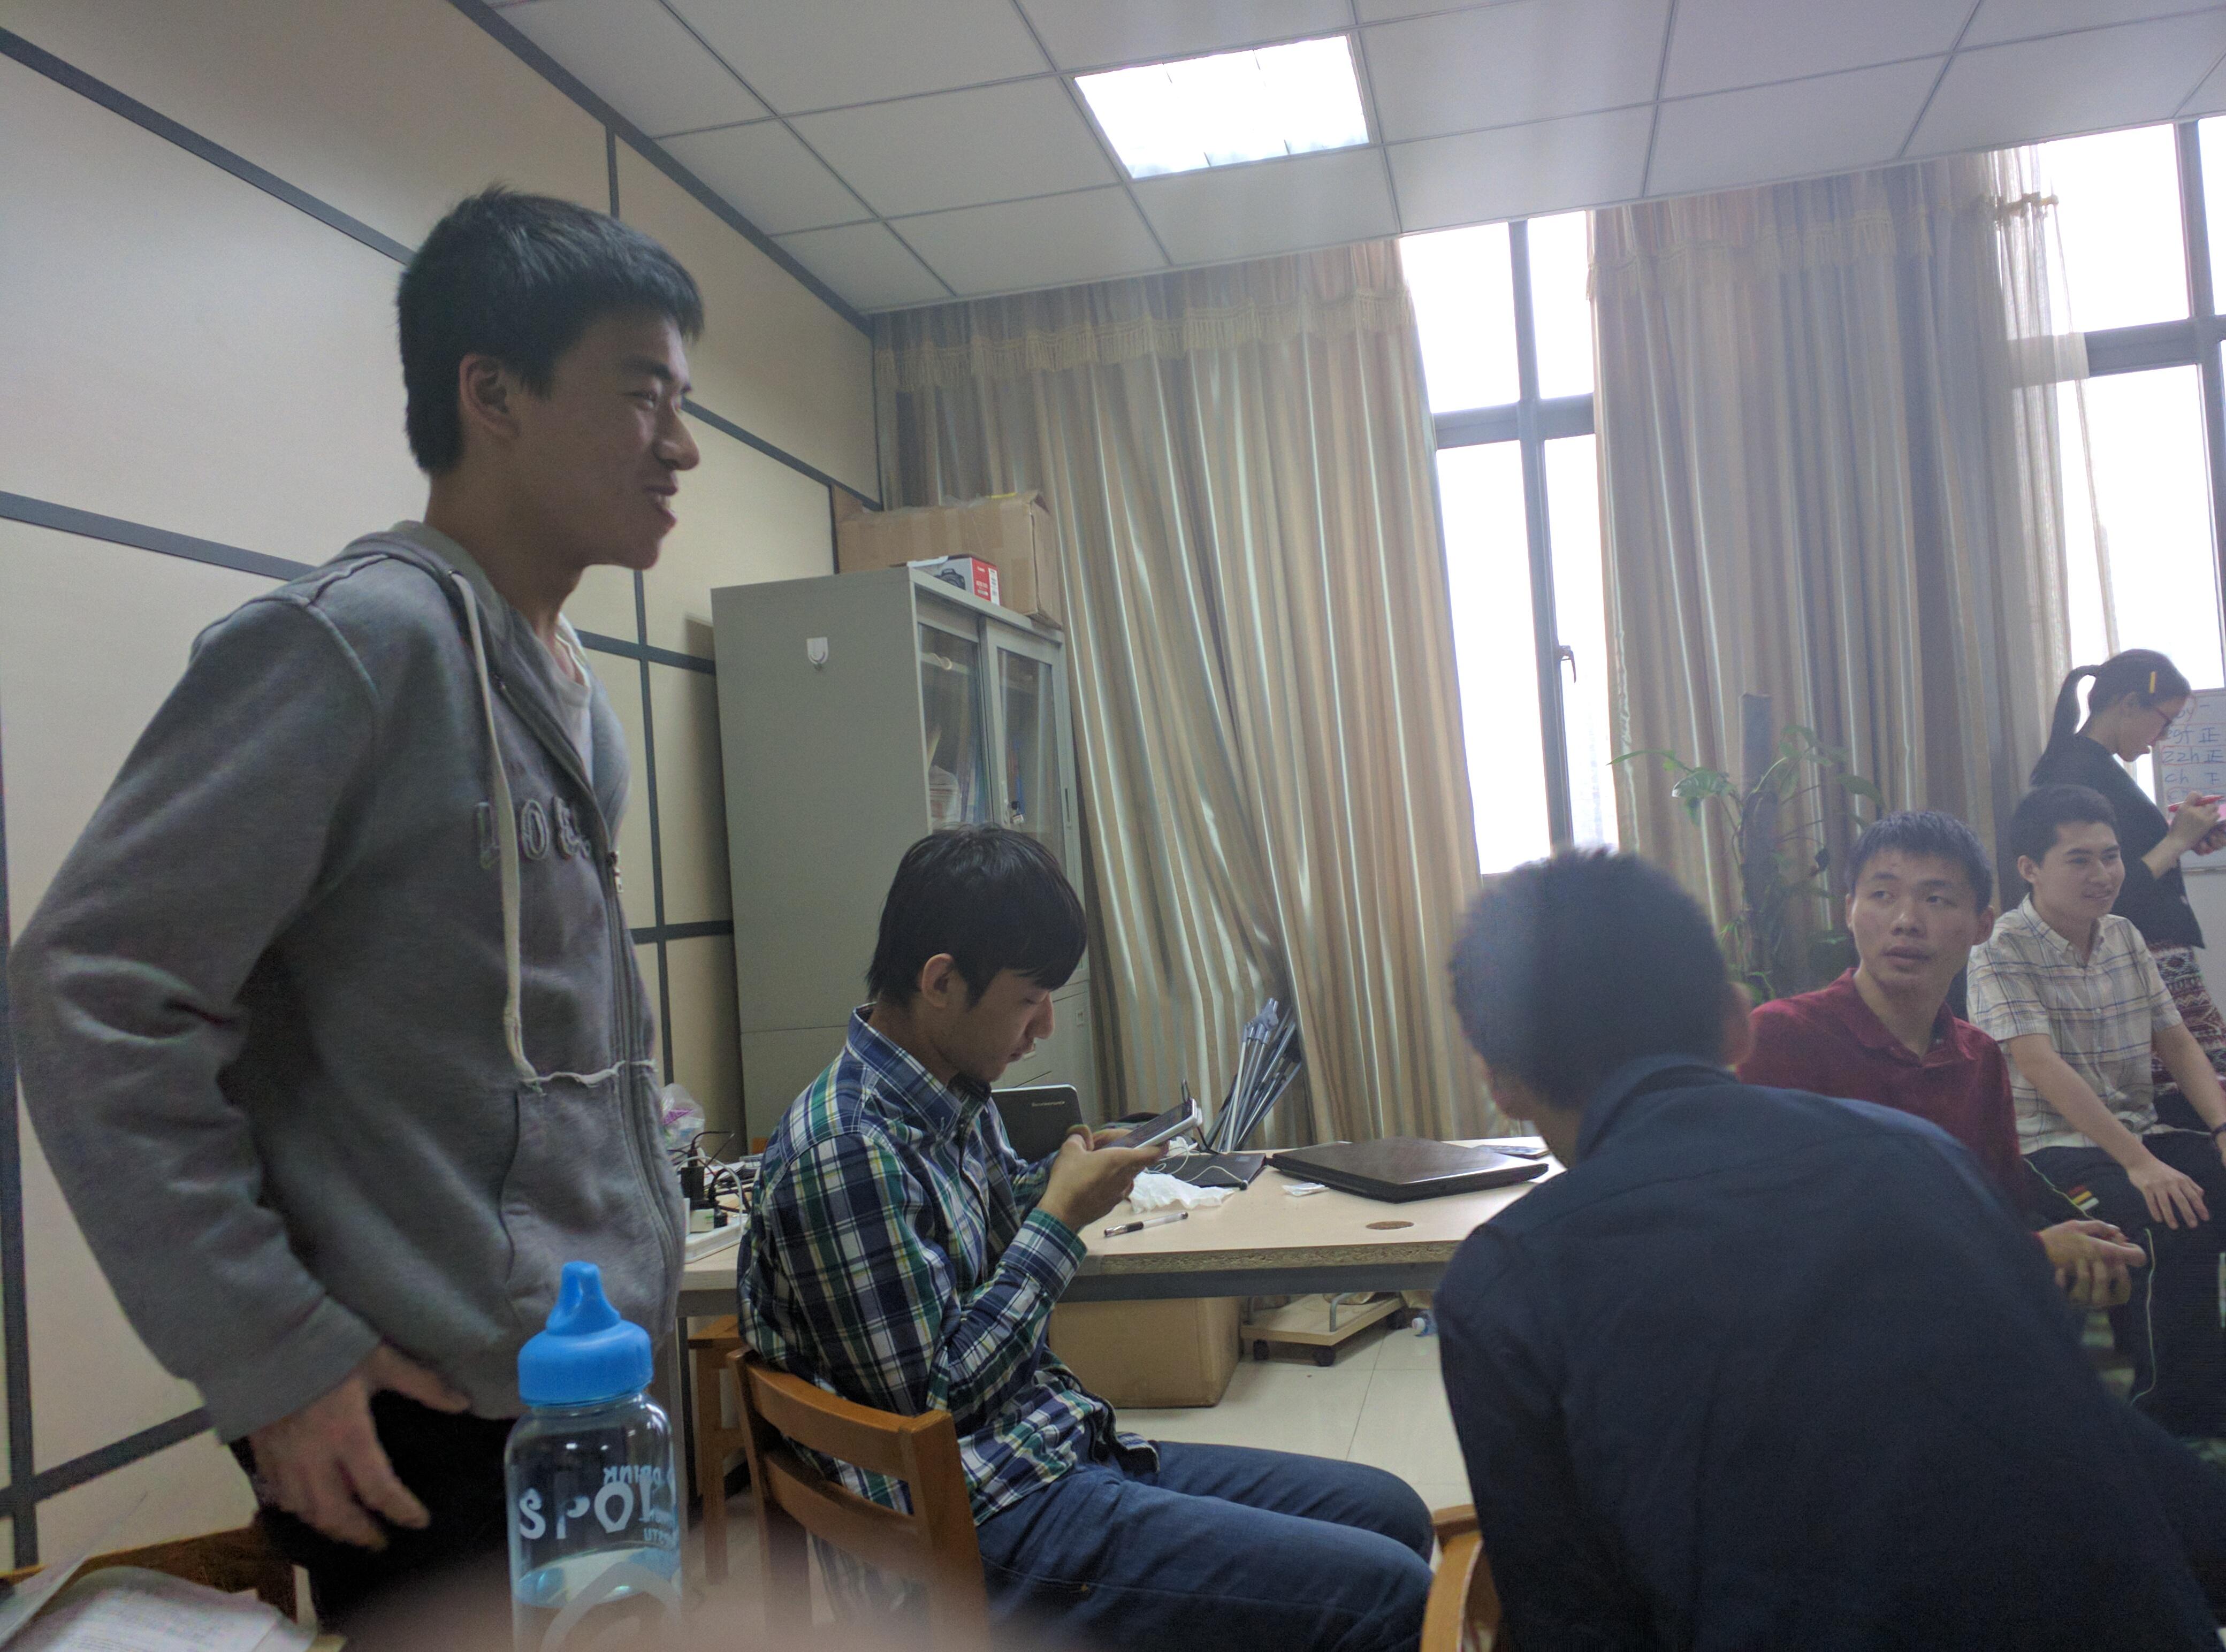 曾键同学发表演讲